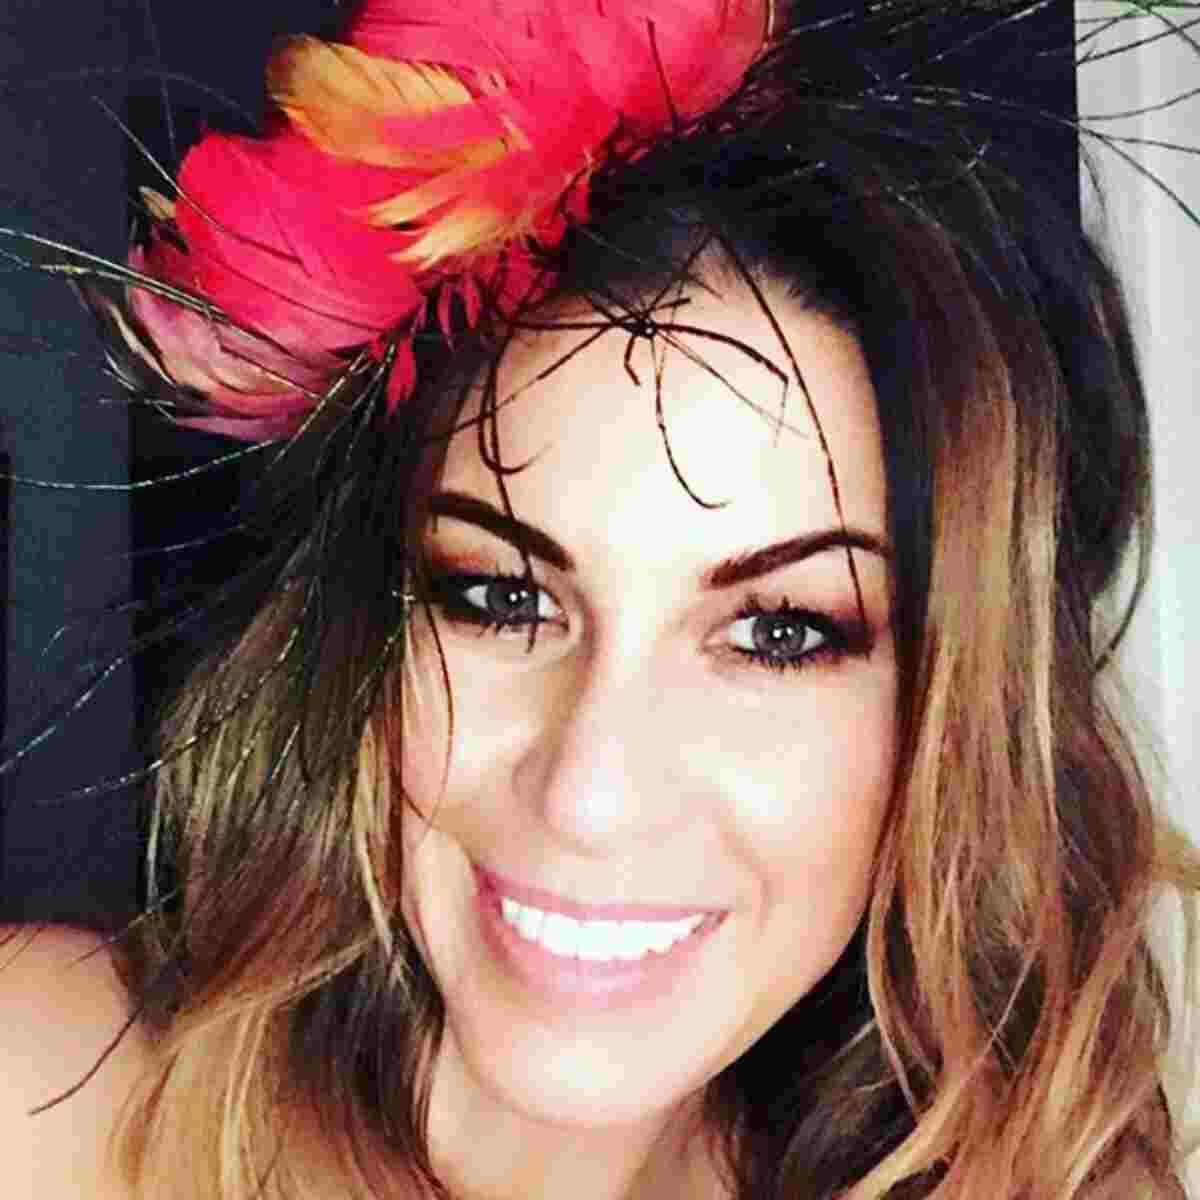 Rachele Di Fiore chi è? Vieni da me, altezza, Montella, carriera, Miss Italia